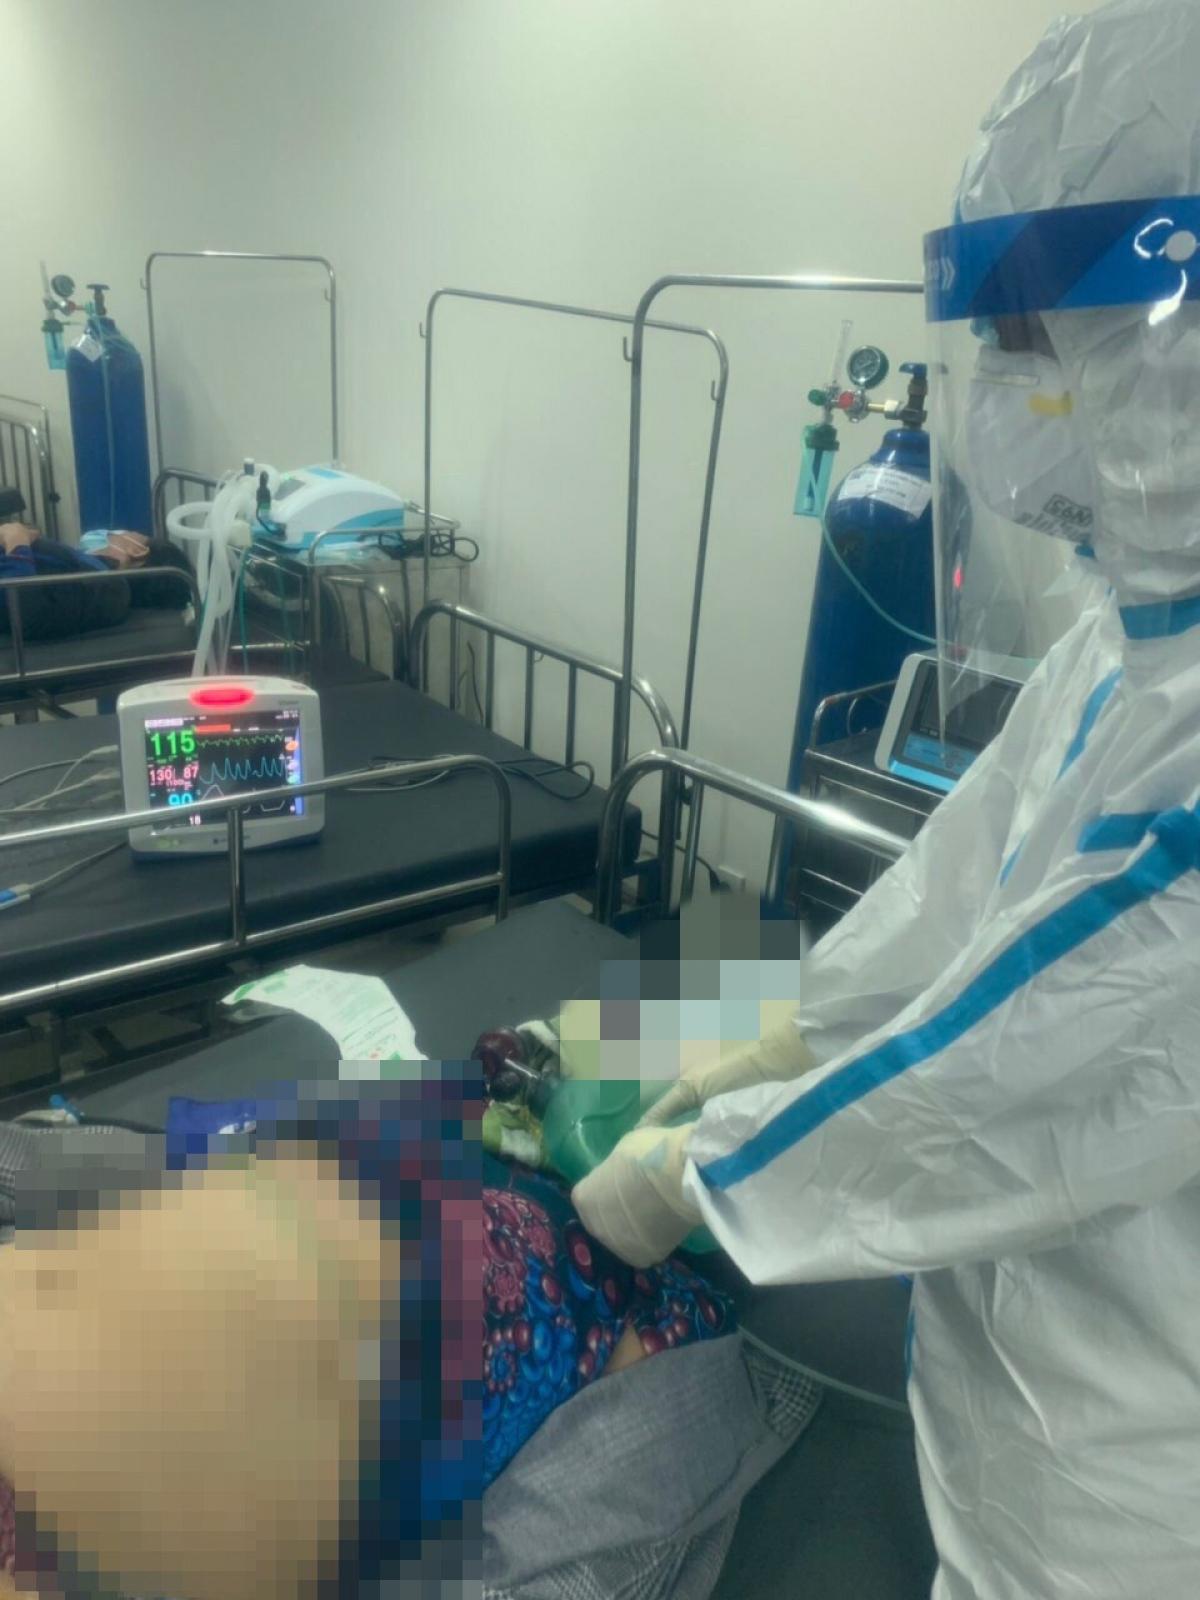 Sau 2 giờ hồi sức, bệnh nhân ổn định và được chuyển lên tuyến trên (ảnh do Bệnh viện Dã chiến số 12 cung cấp)